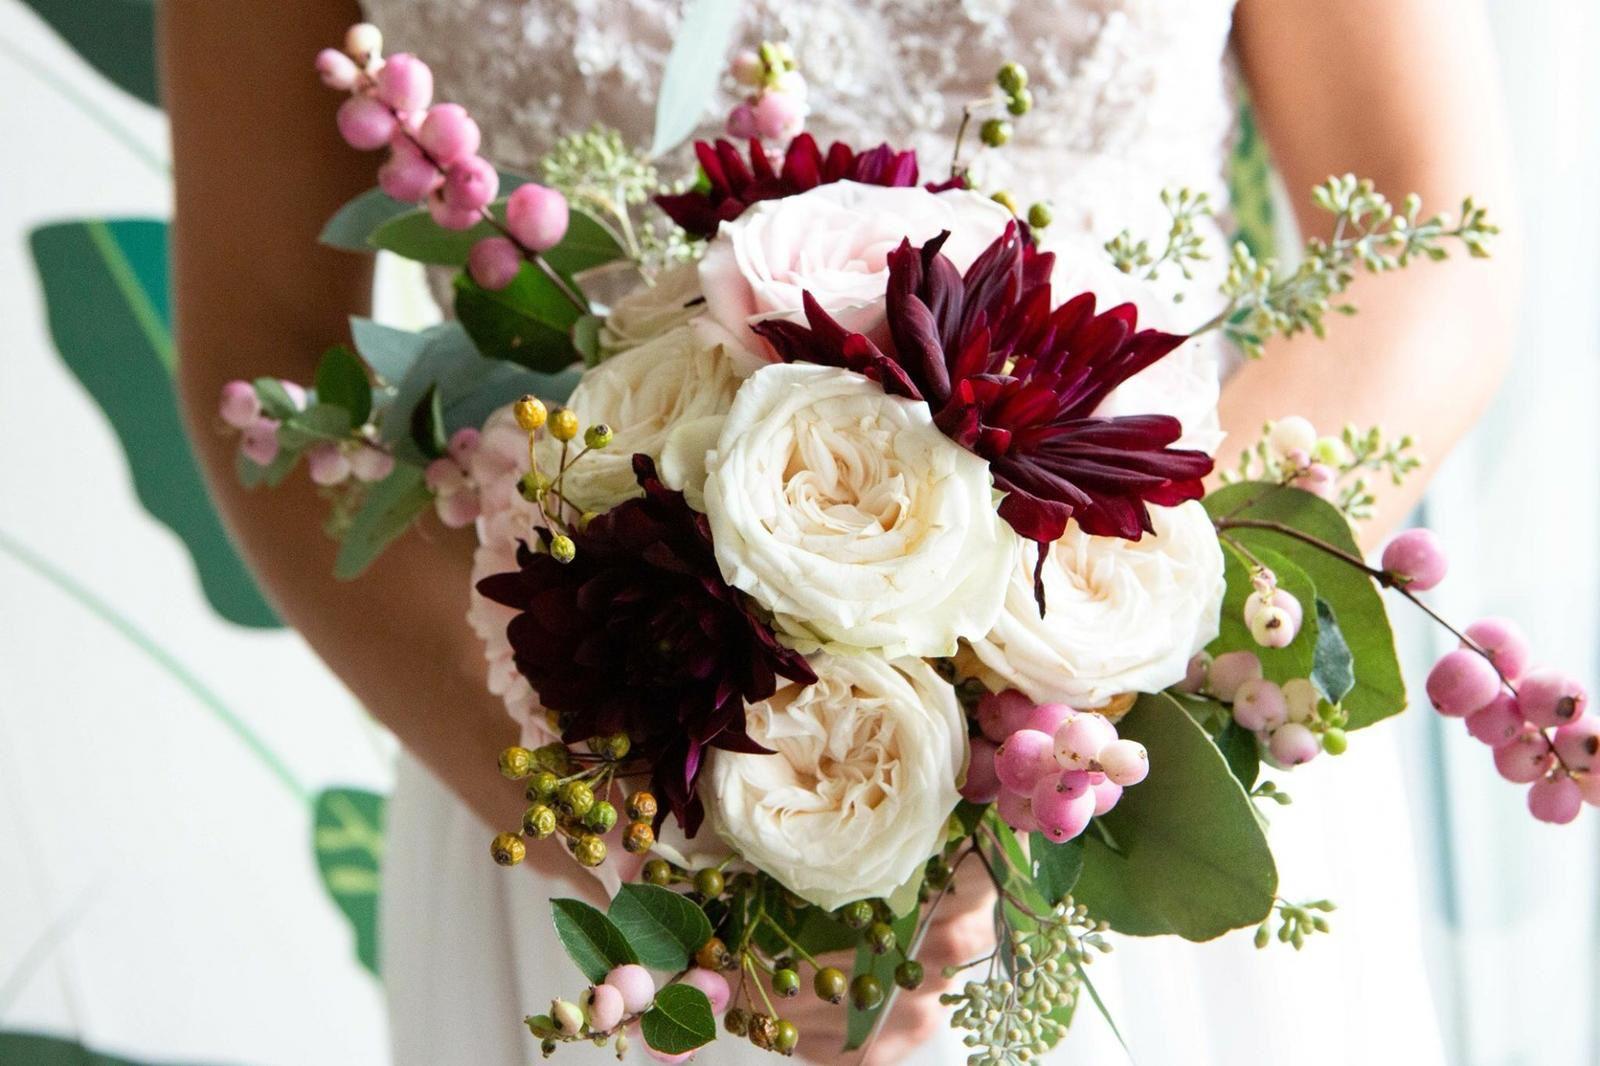 Bouquet Da Sposa Settembre.La Sposa Vispa Matrimonio Floreale Bouquet Da Sposa Bouquet